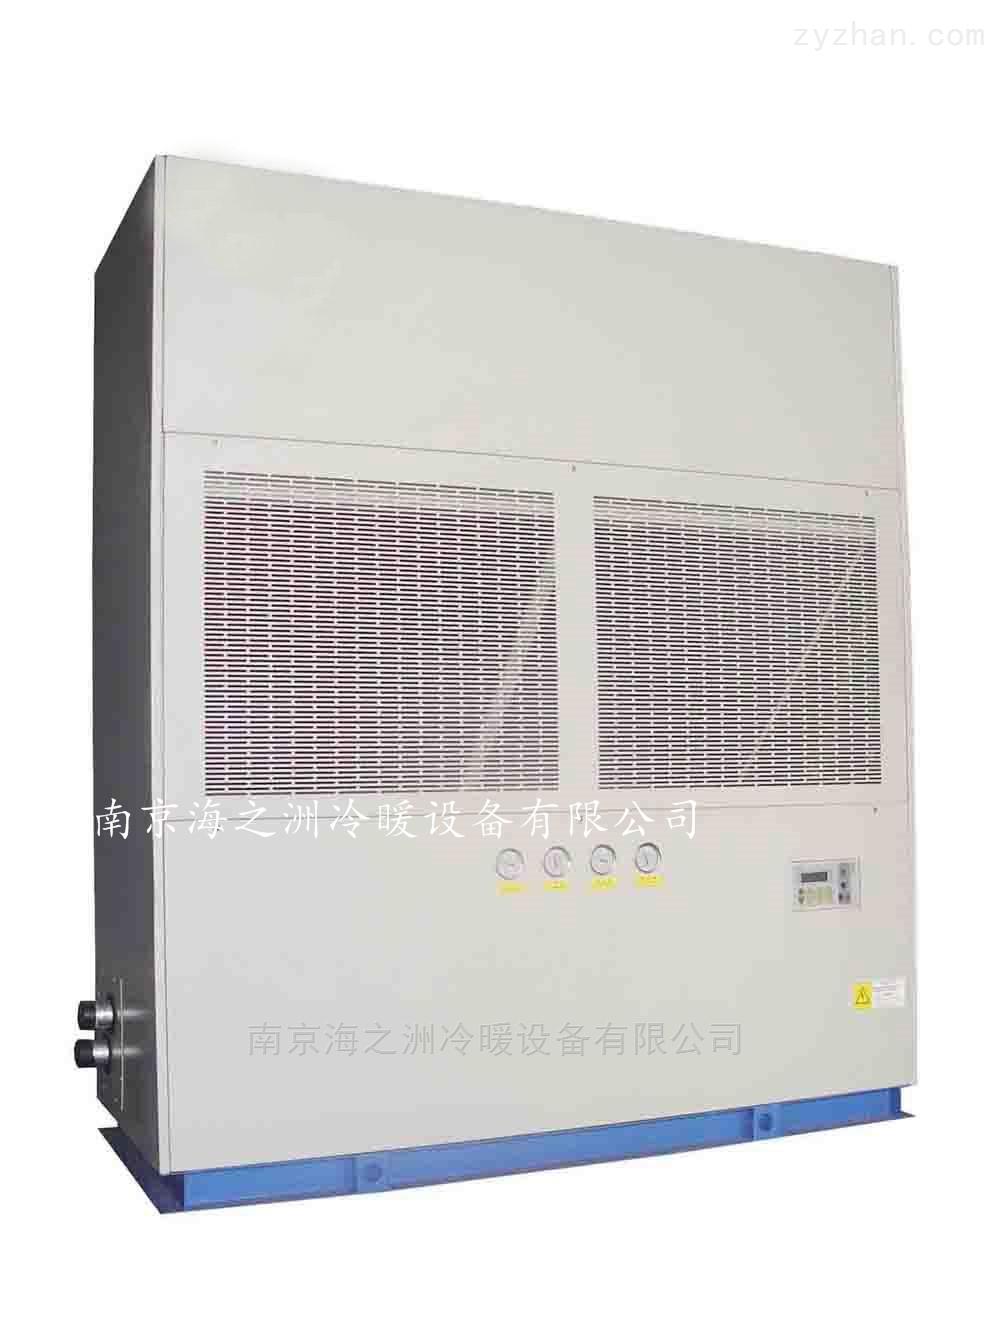 HZS-20W水冷柜式空调机组